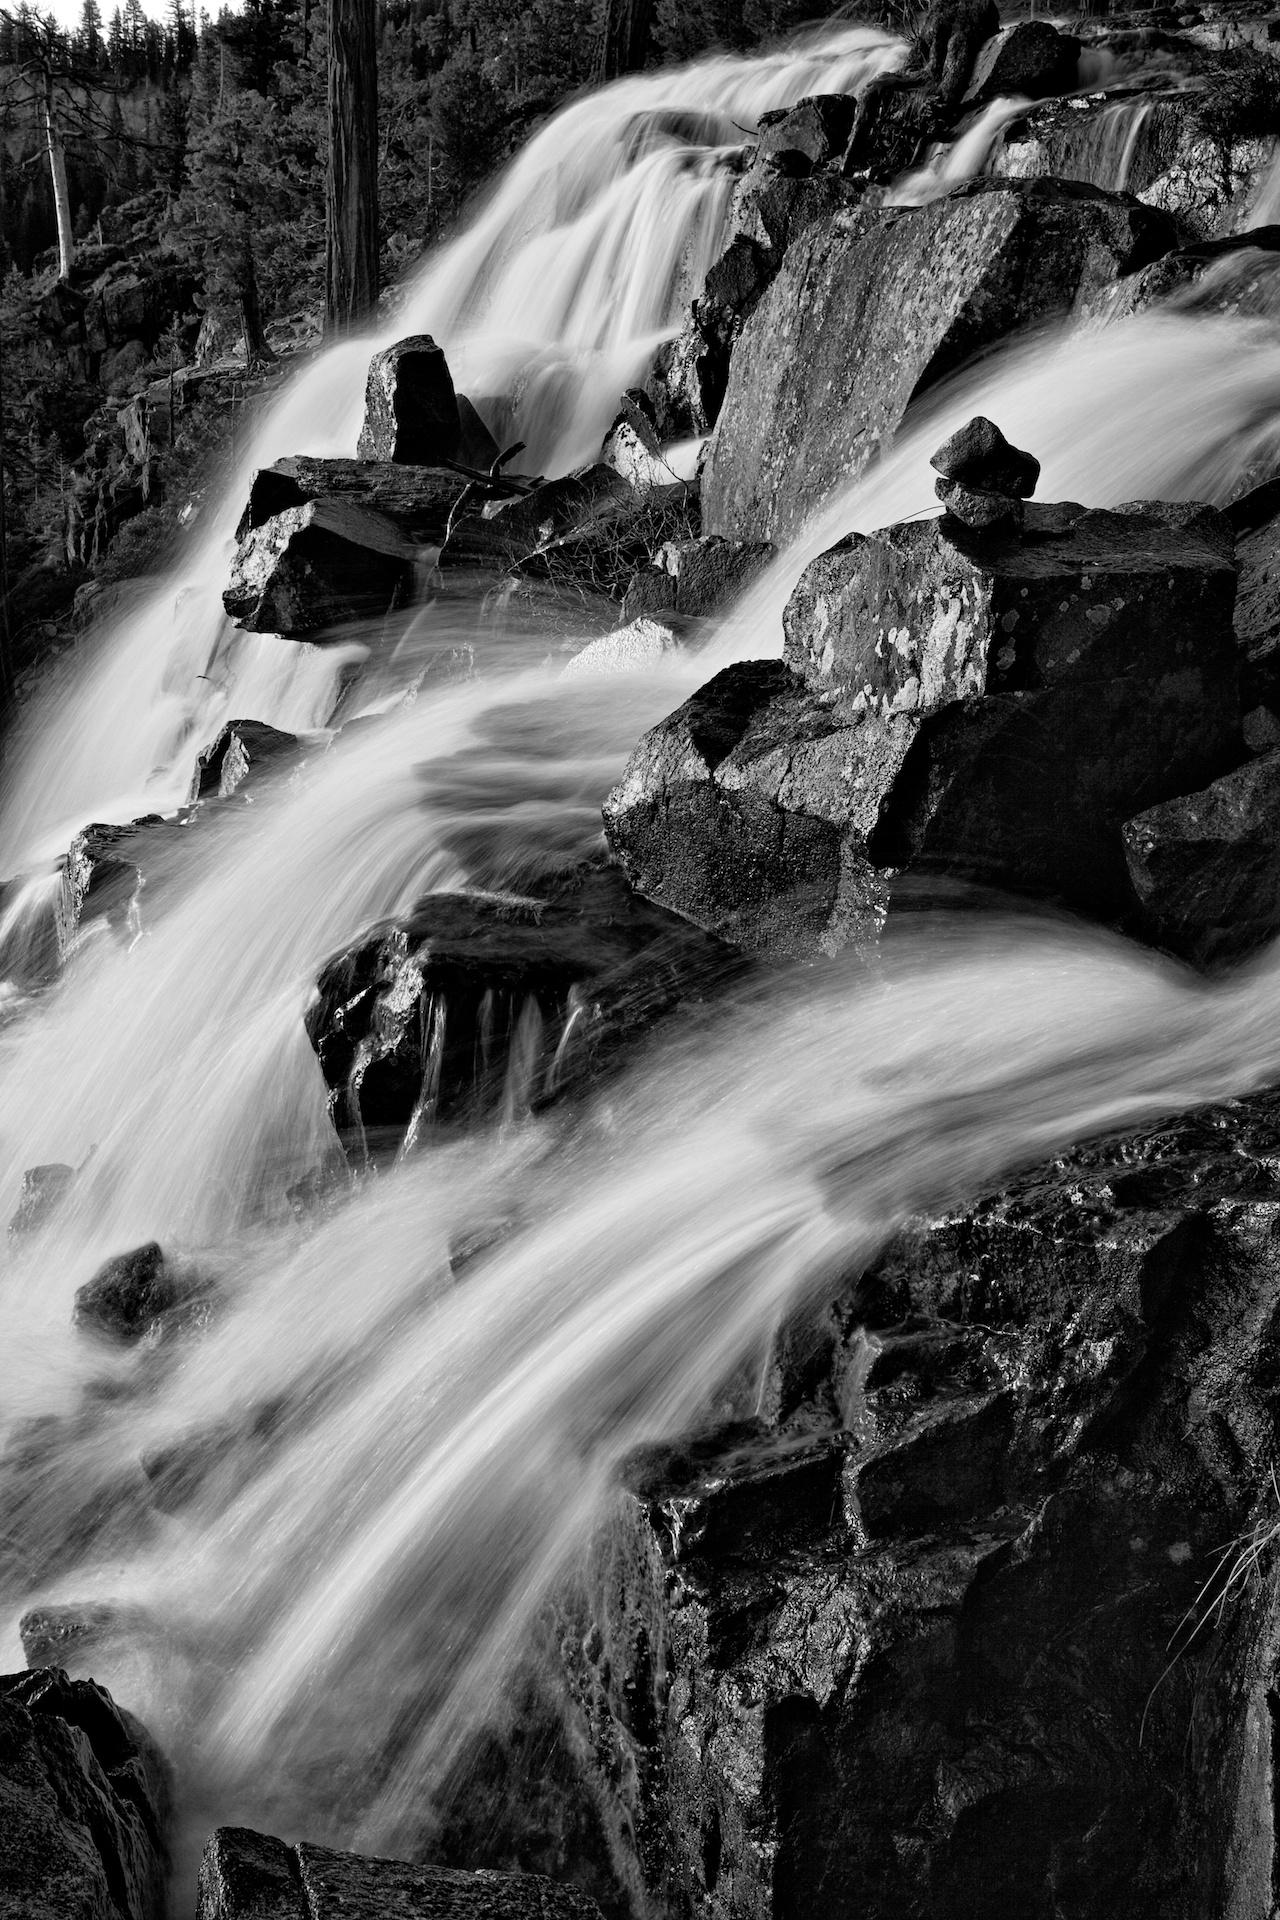 monochrome cascade